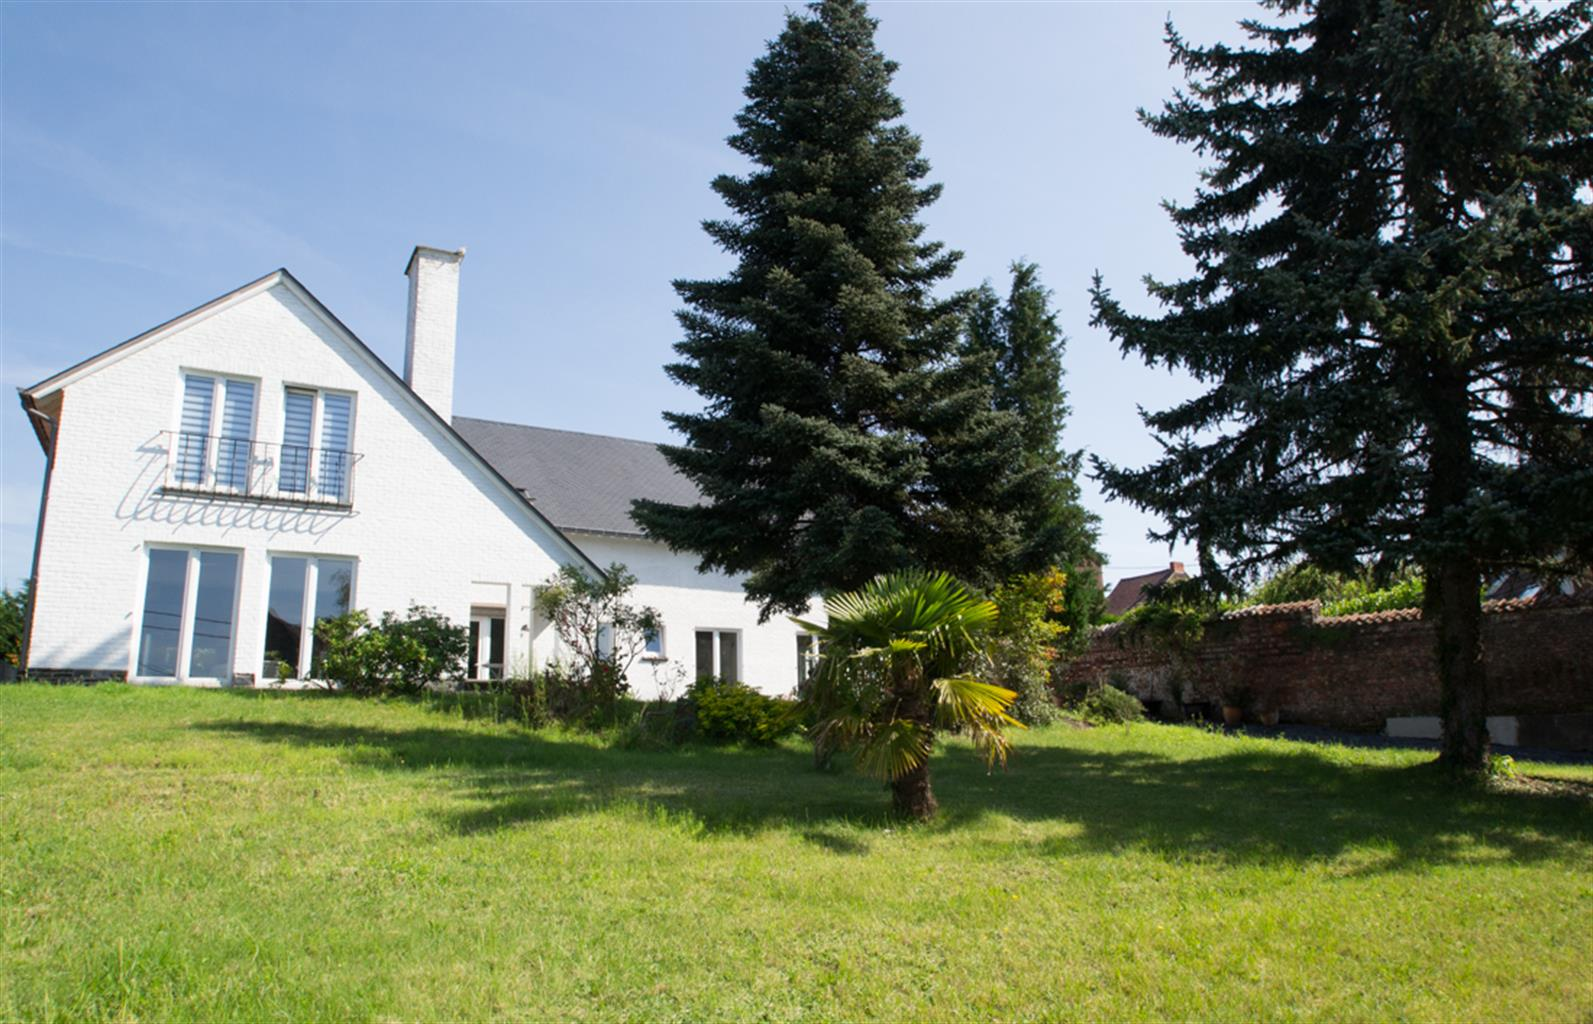 Villa - Baudour - #4527975-0